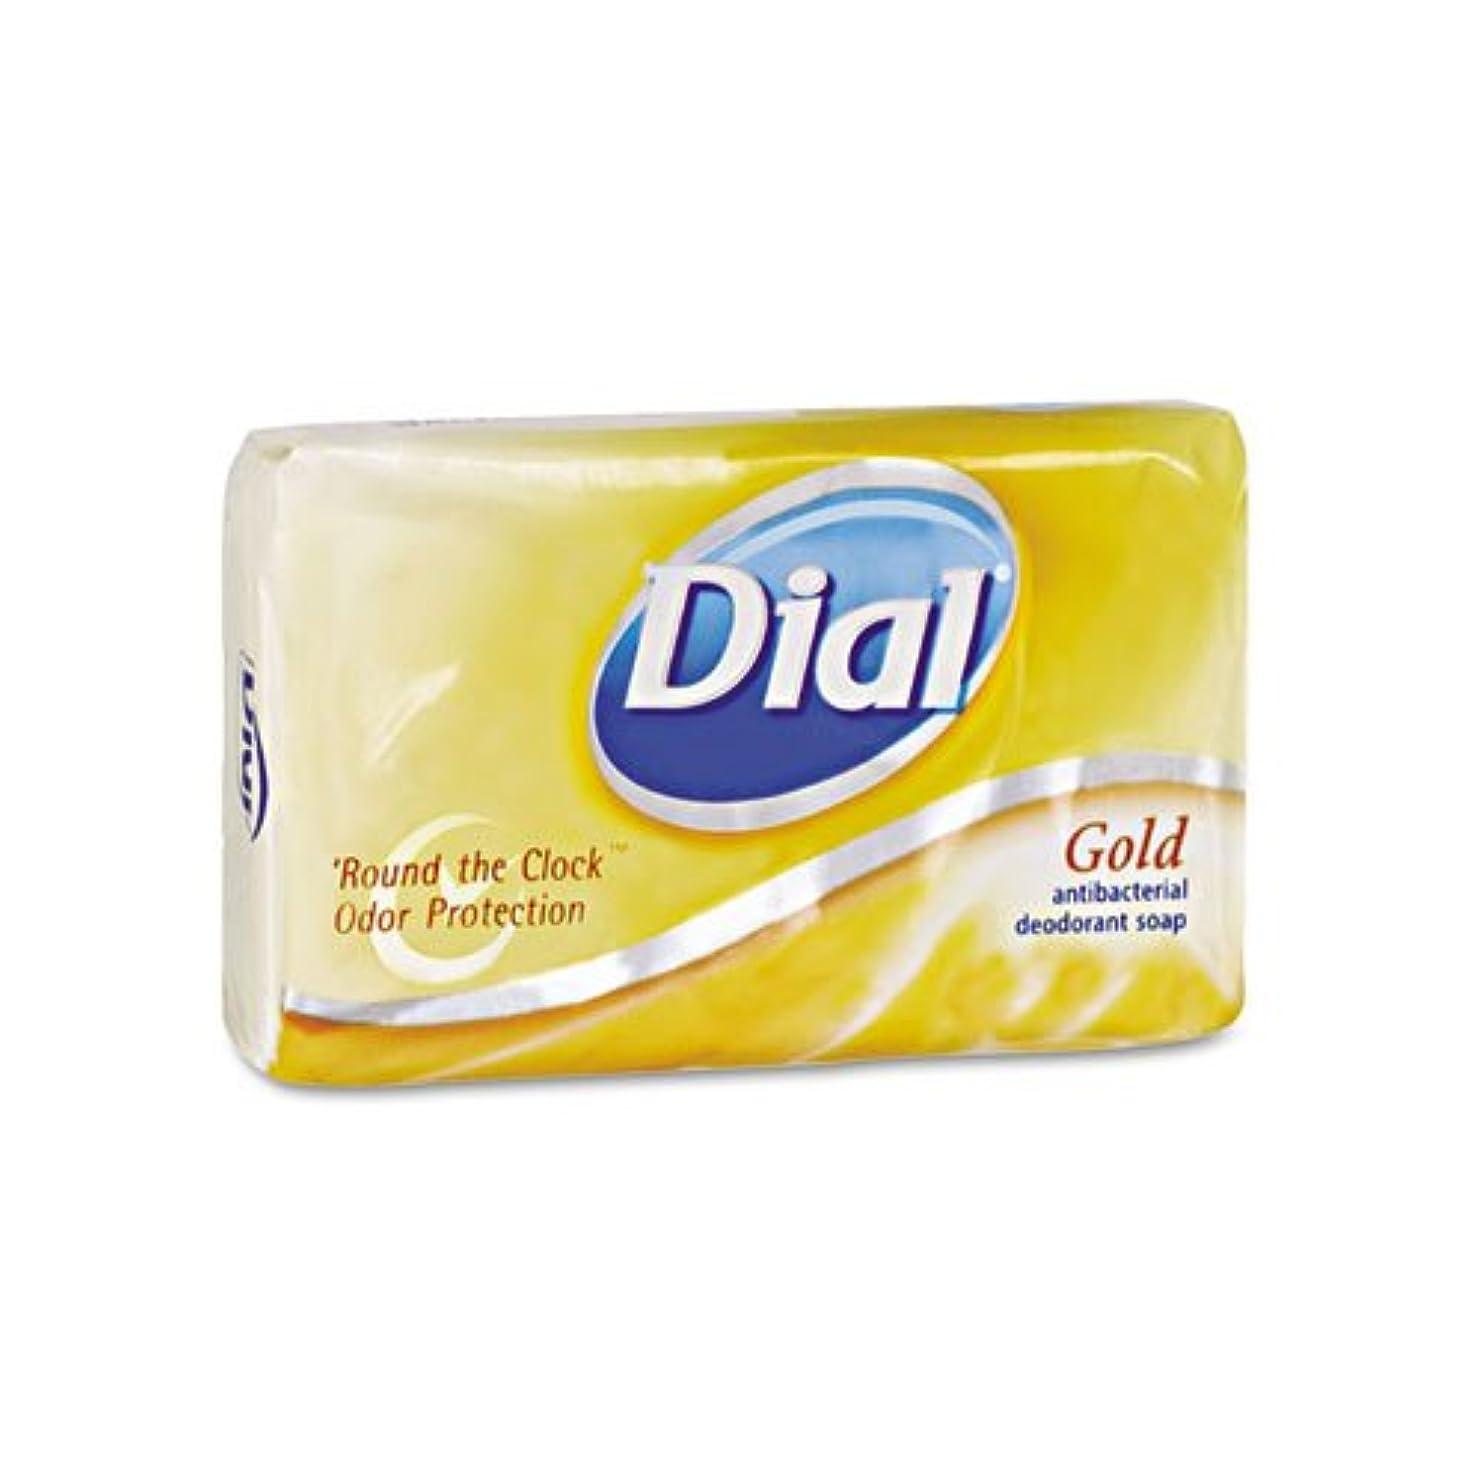 価値パウダー遺伝的ダイヤル& # xFFFD ;抗菌Deodorant Bar Soap、個別包装、ゴールド、4オンス